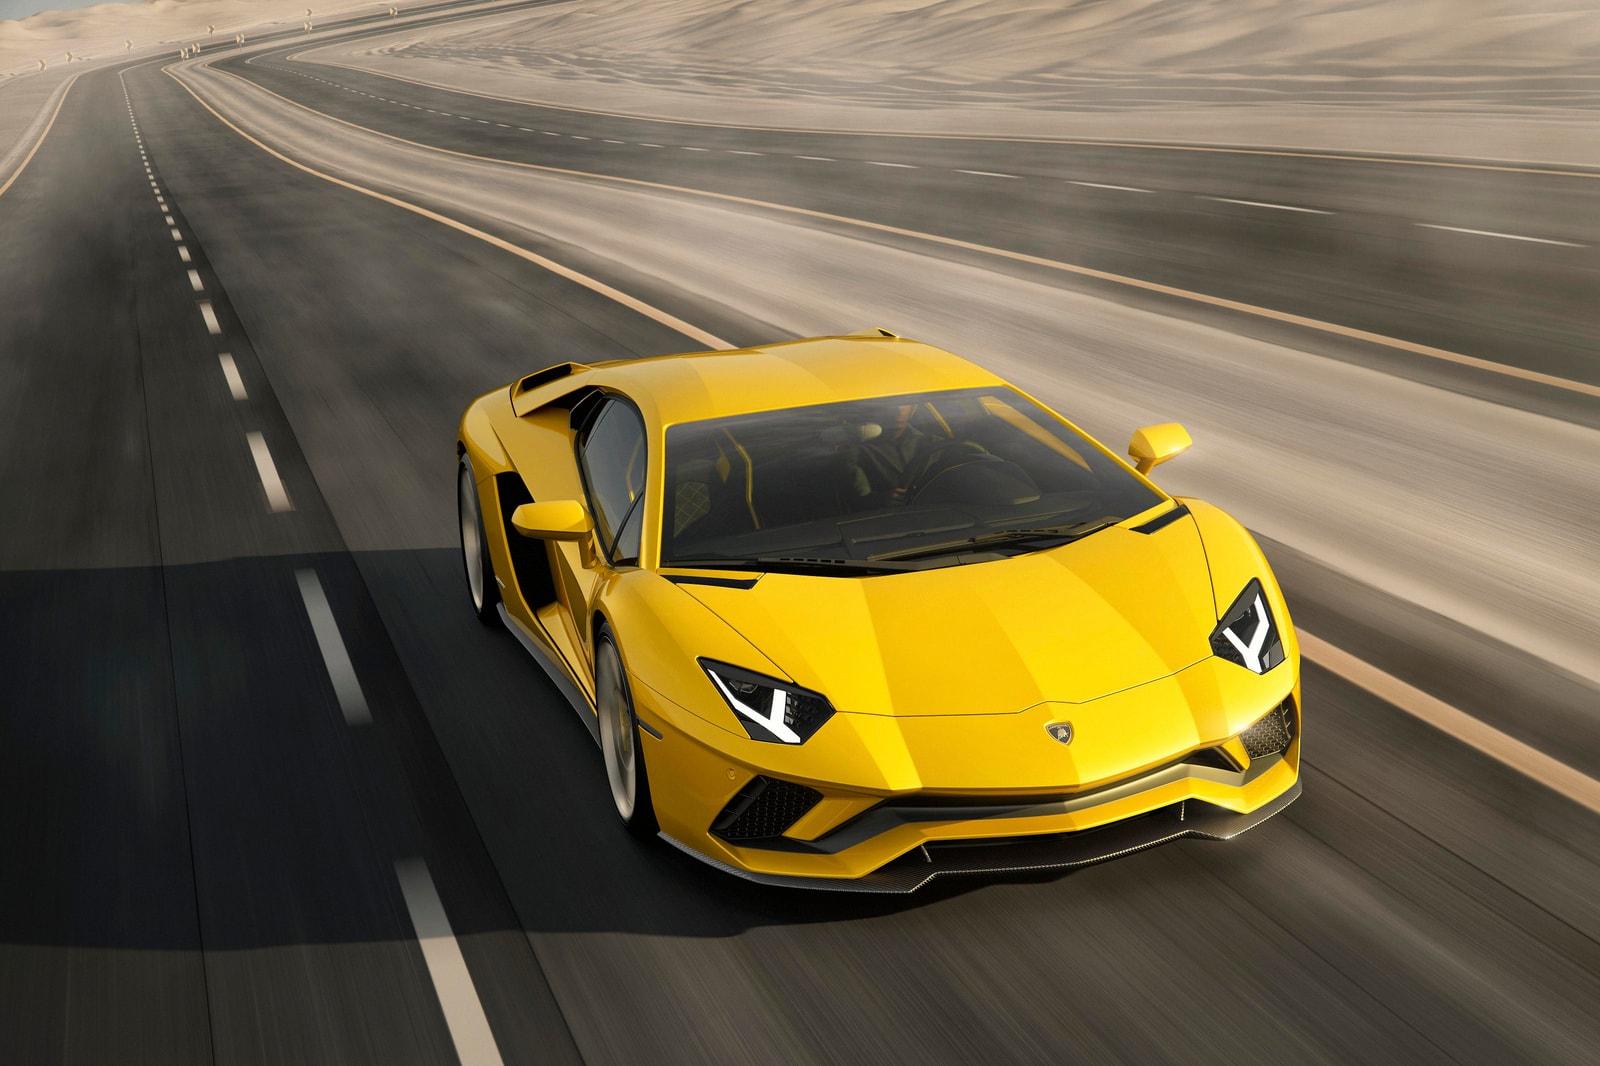 Interviews:CEOのステファノ・ドメニカリが語る Lamborghini の未来